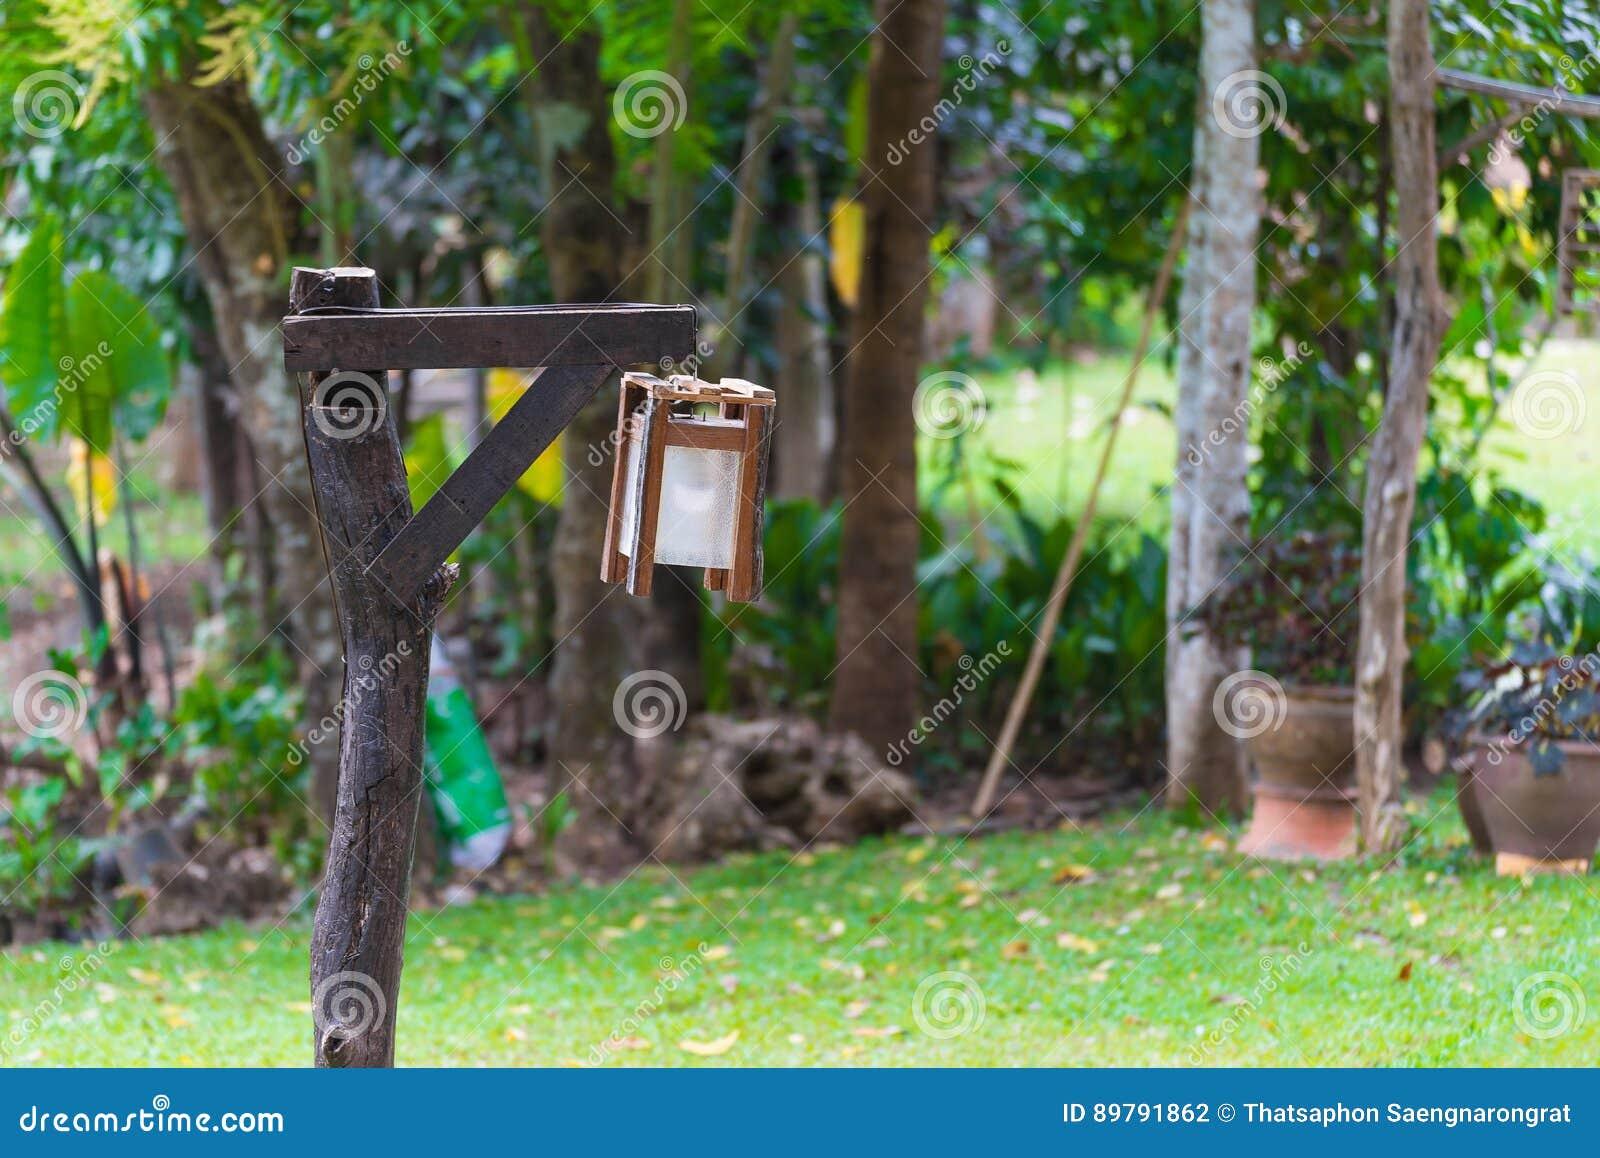 Lampade per esterno su palo illuminazione giardino a luci led da